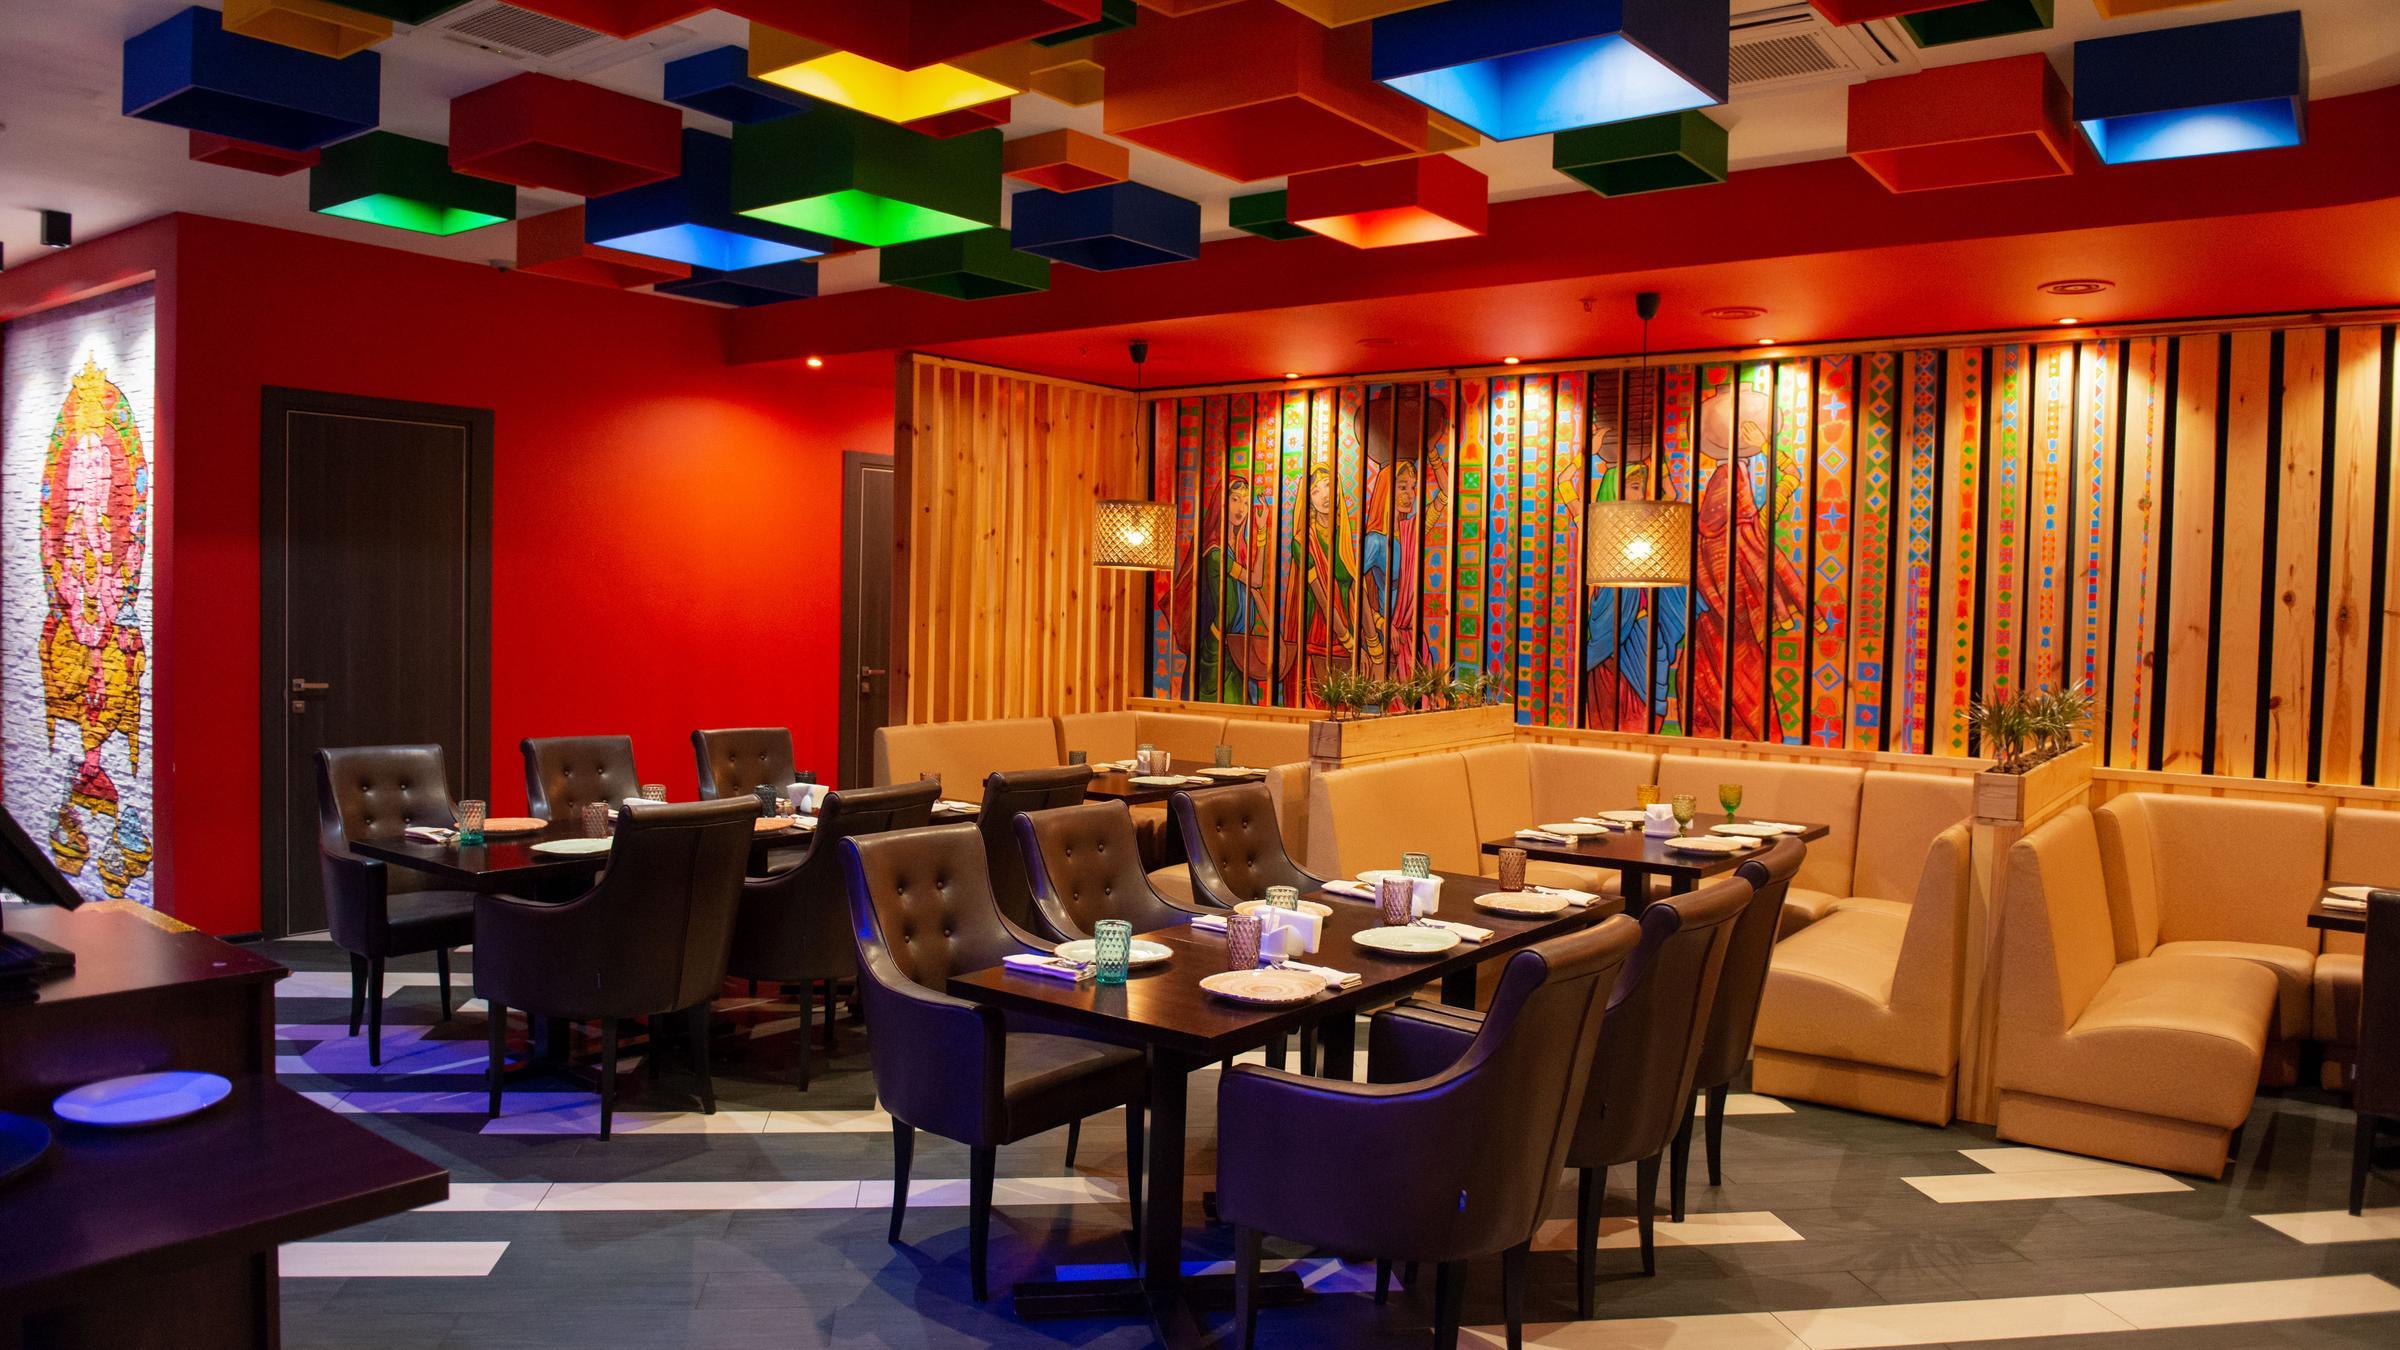 фотография Ресторана Dhaba на Новолесной улице